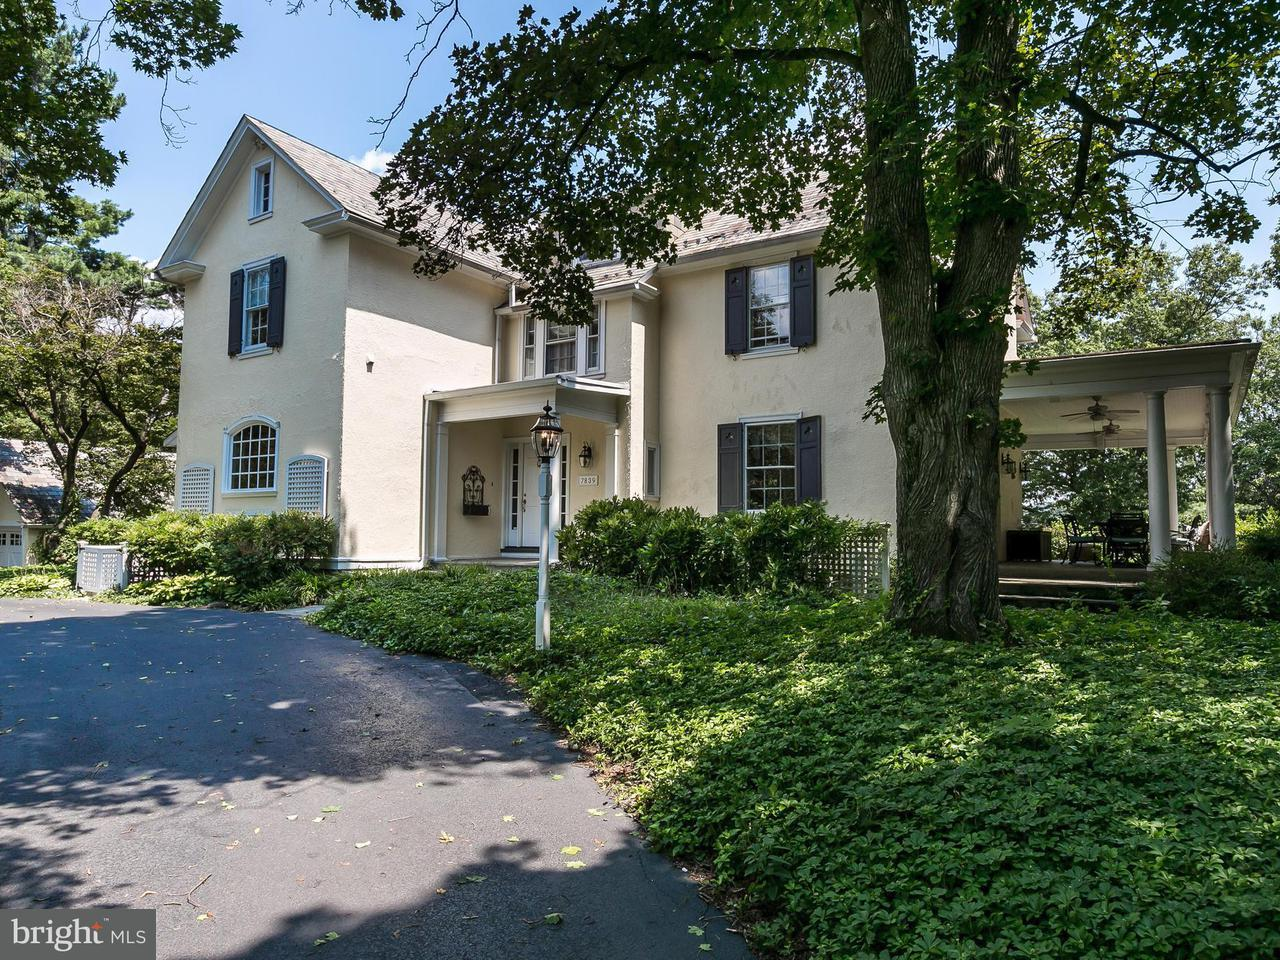 Частный односемейный дом для того Продажа на 7839 Ellenham Road 7839 Ellenham Road Towson, Мэриленд 21204 Соединенные Штаты